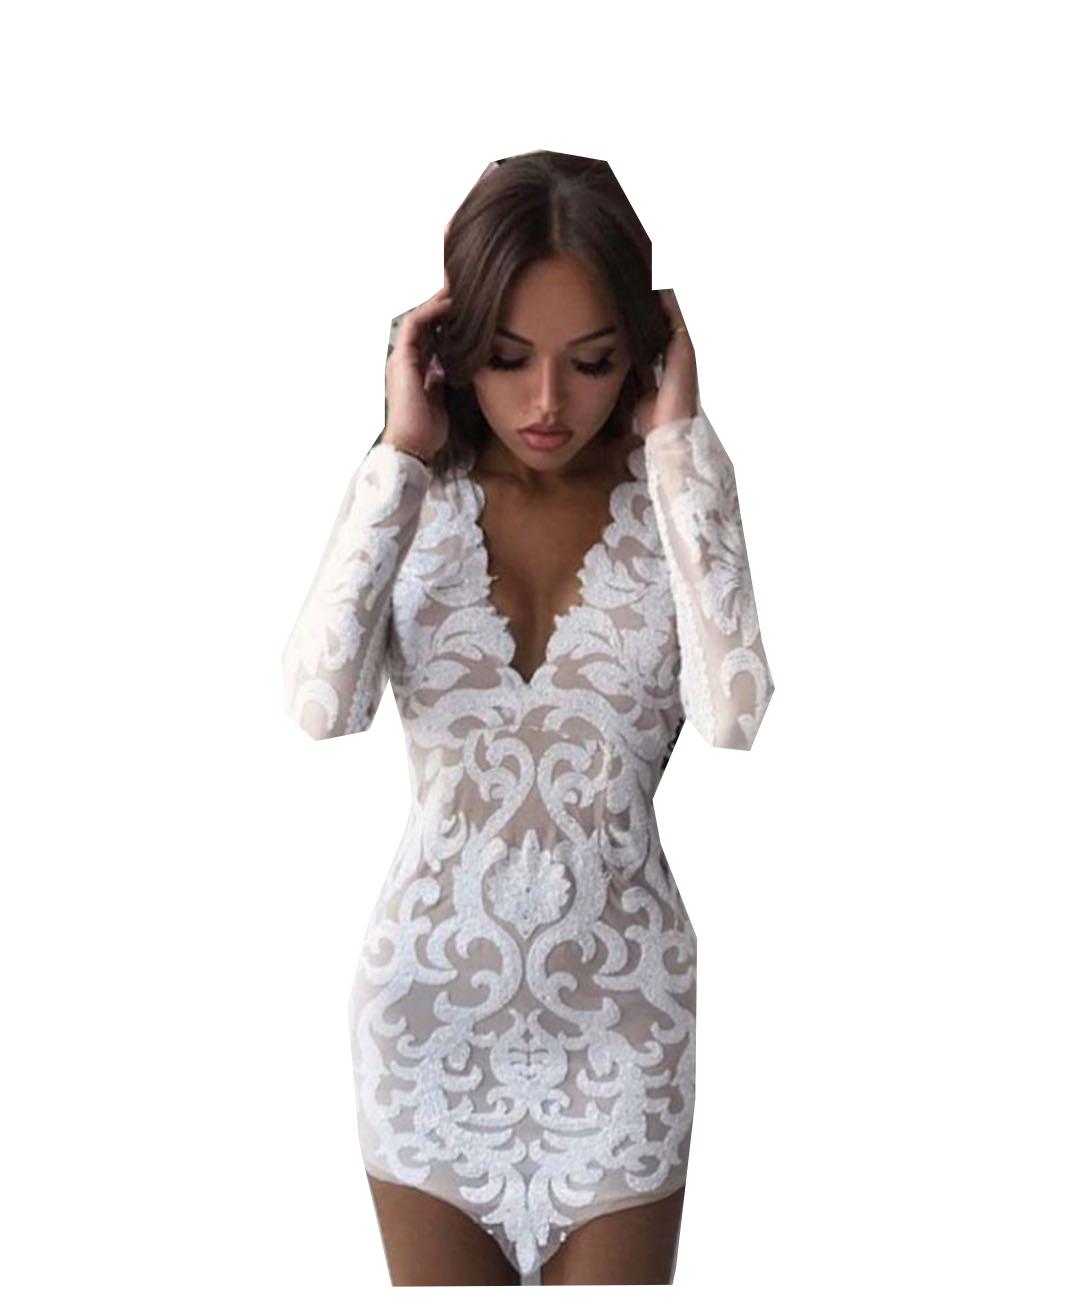 2858a36ba1 Sukienka cekiny biała wzory dekolt S M - 7210114028 - oficjalne ...